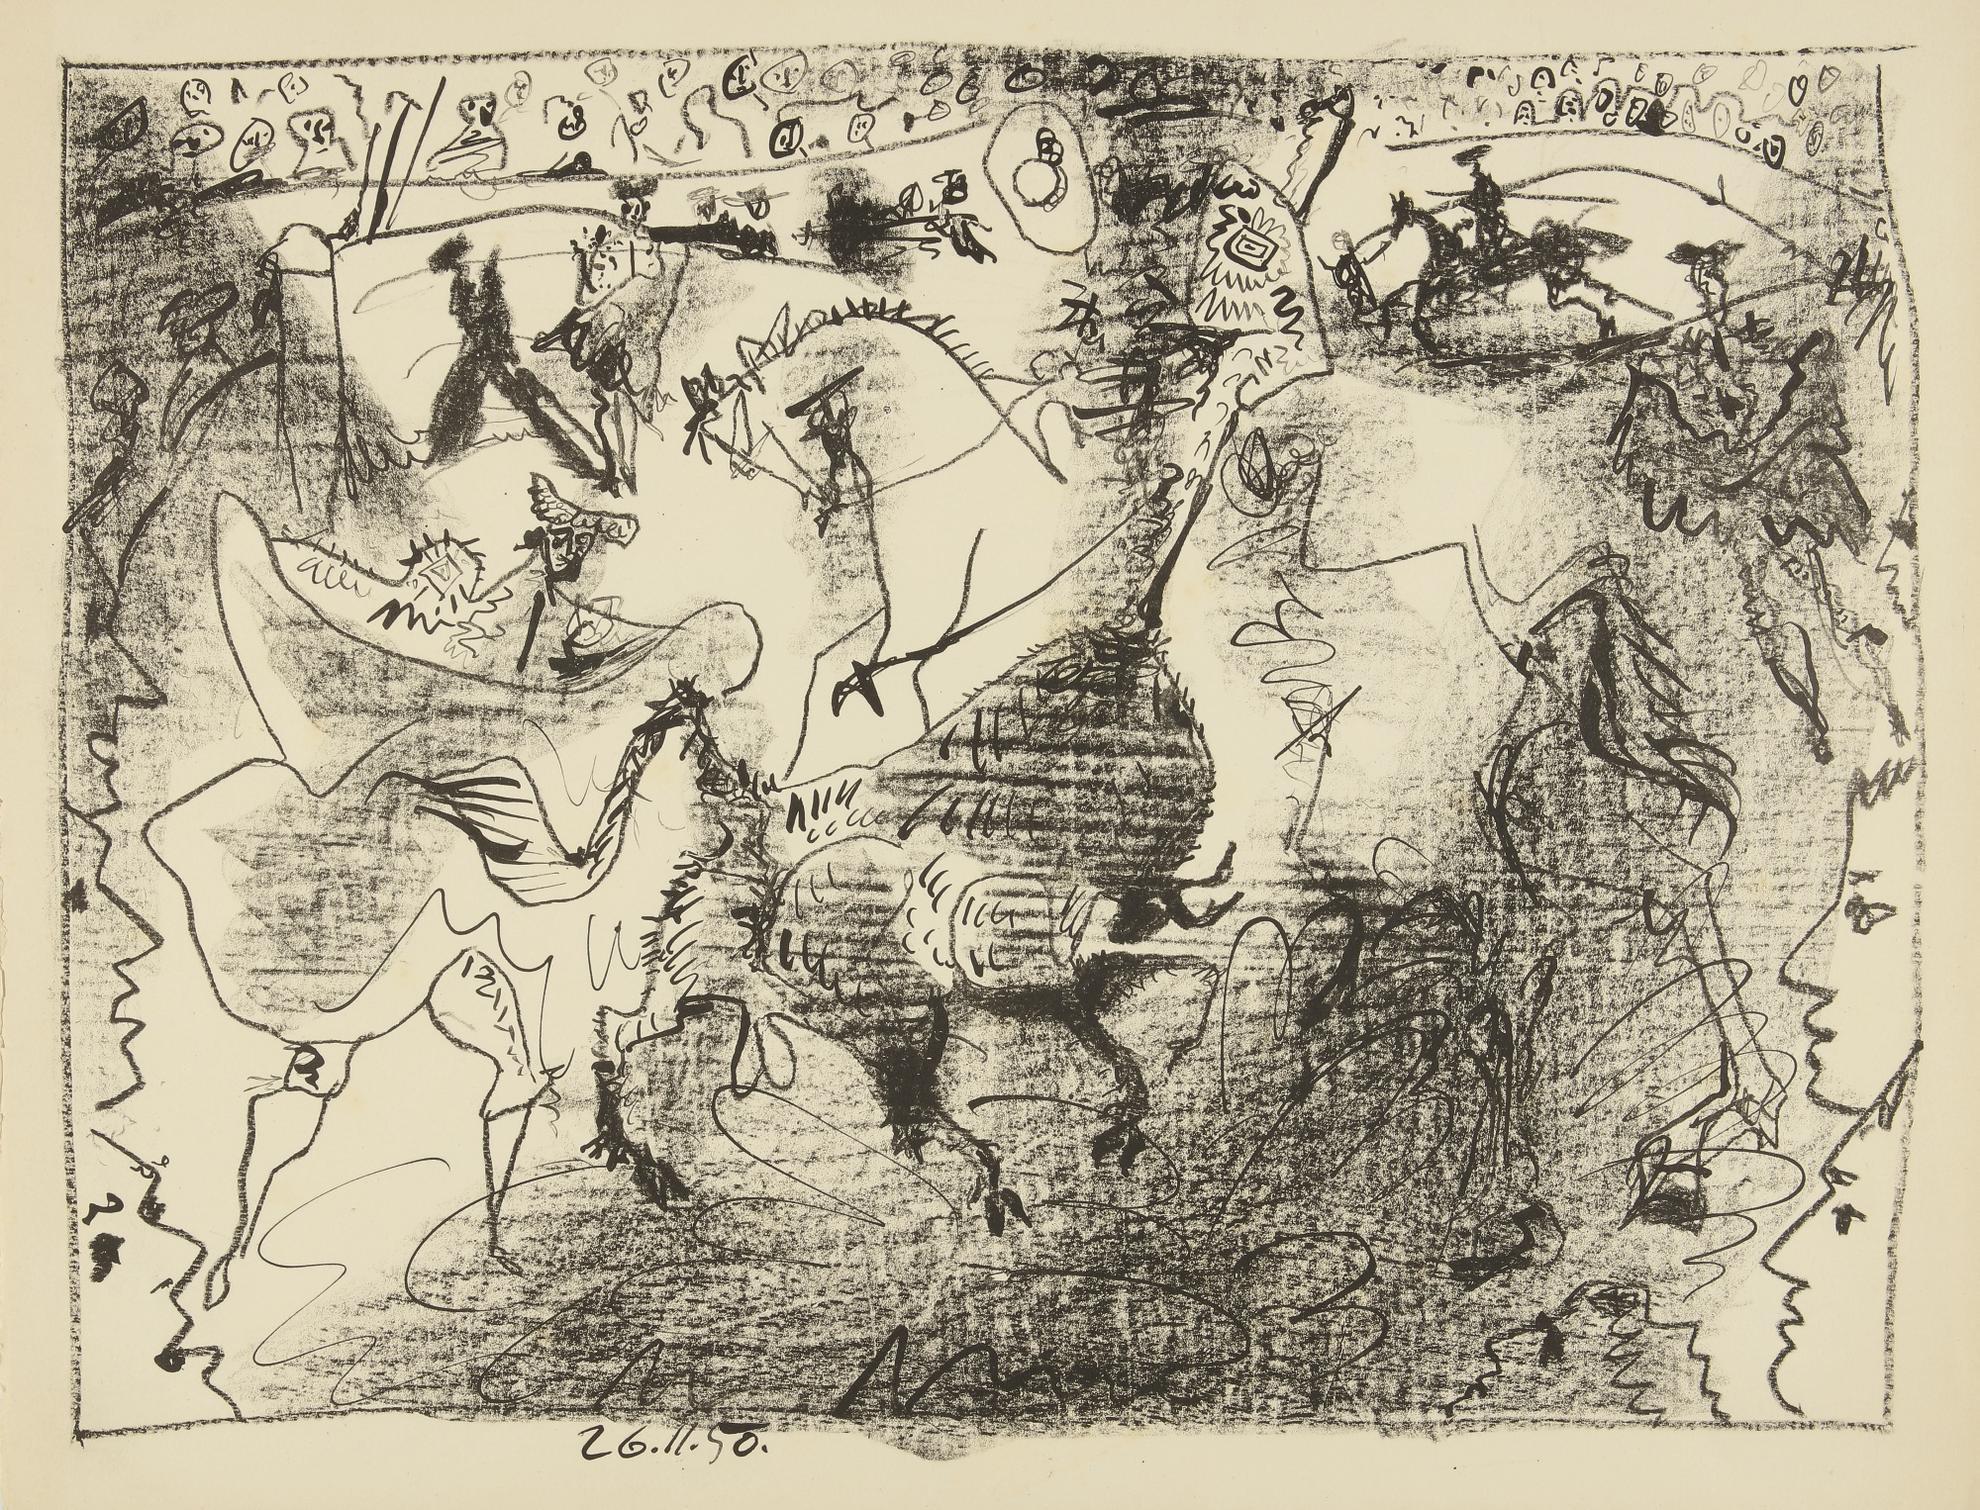 Pablo Picasso-La Pique (B. 683; M. 196)-1950